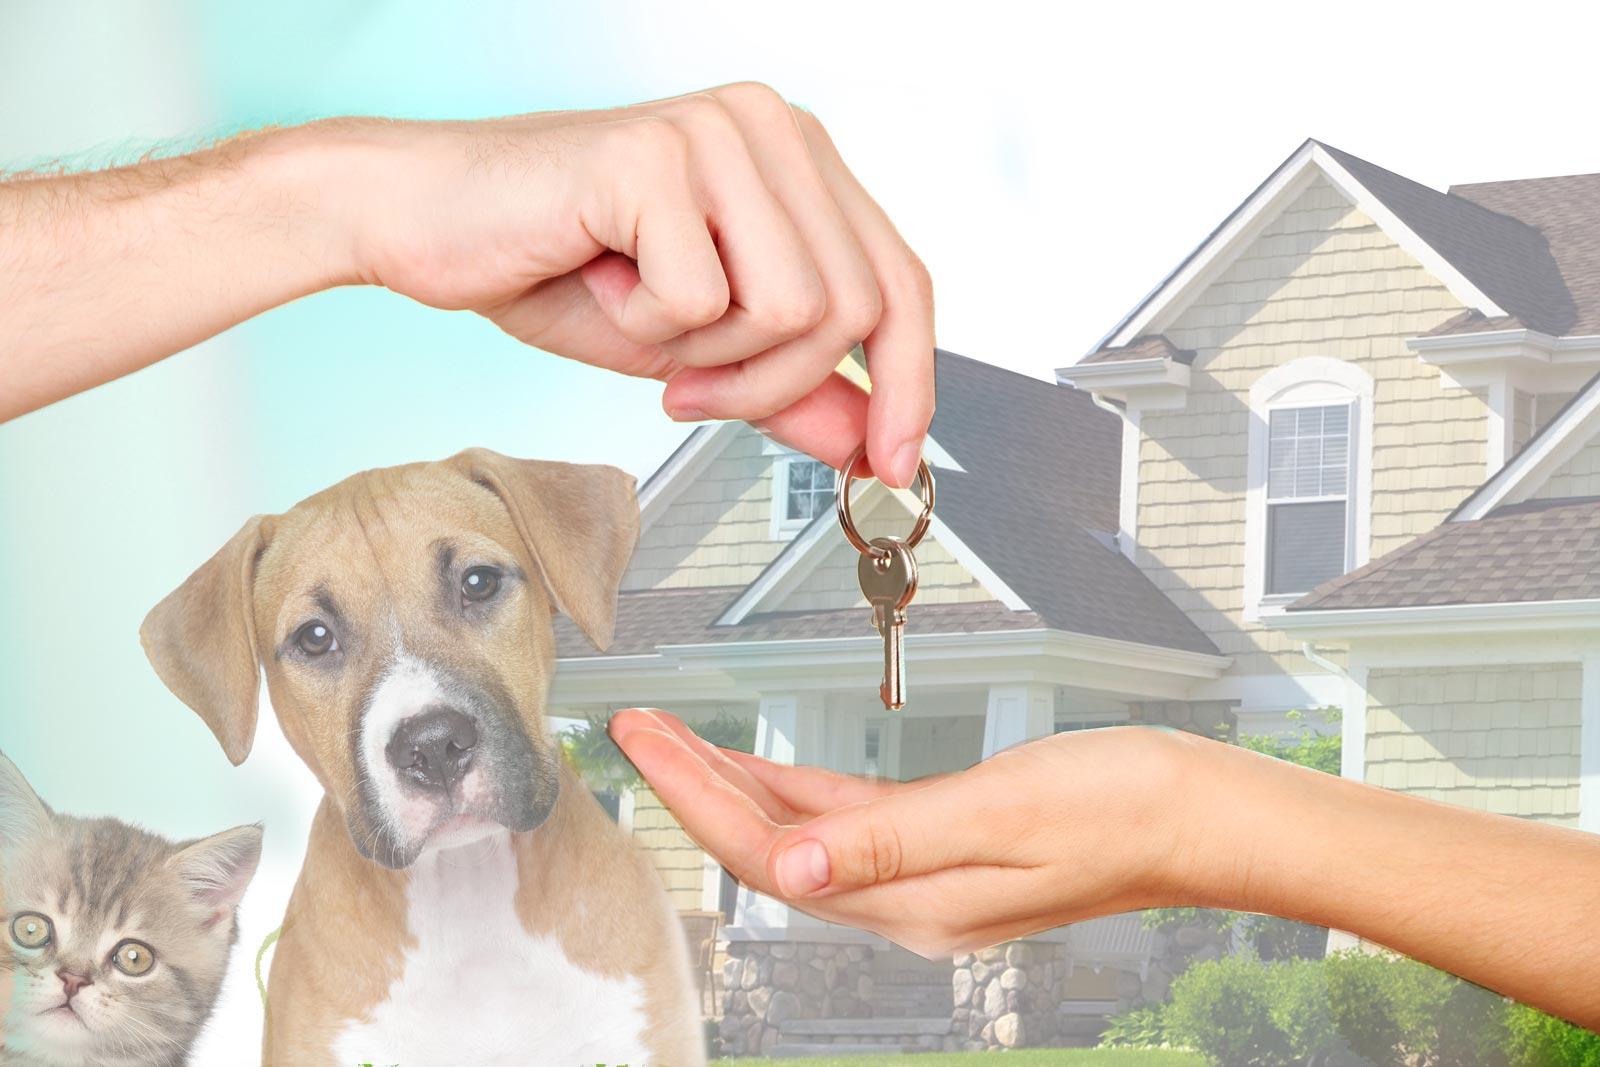 NEW-Keys-dog-cat-house-Optimized